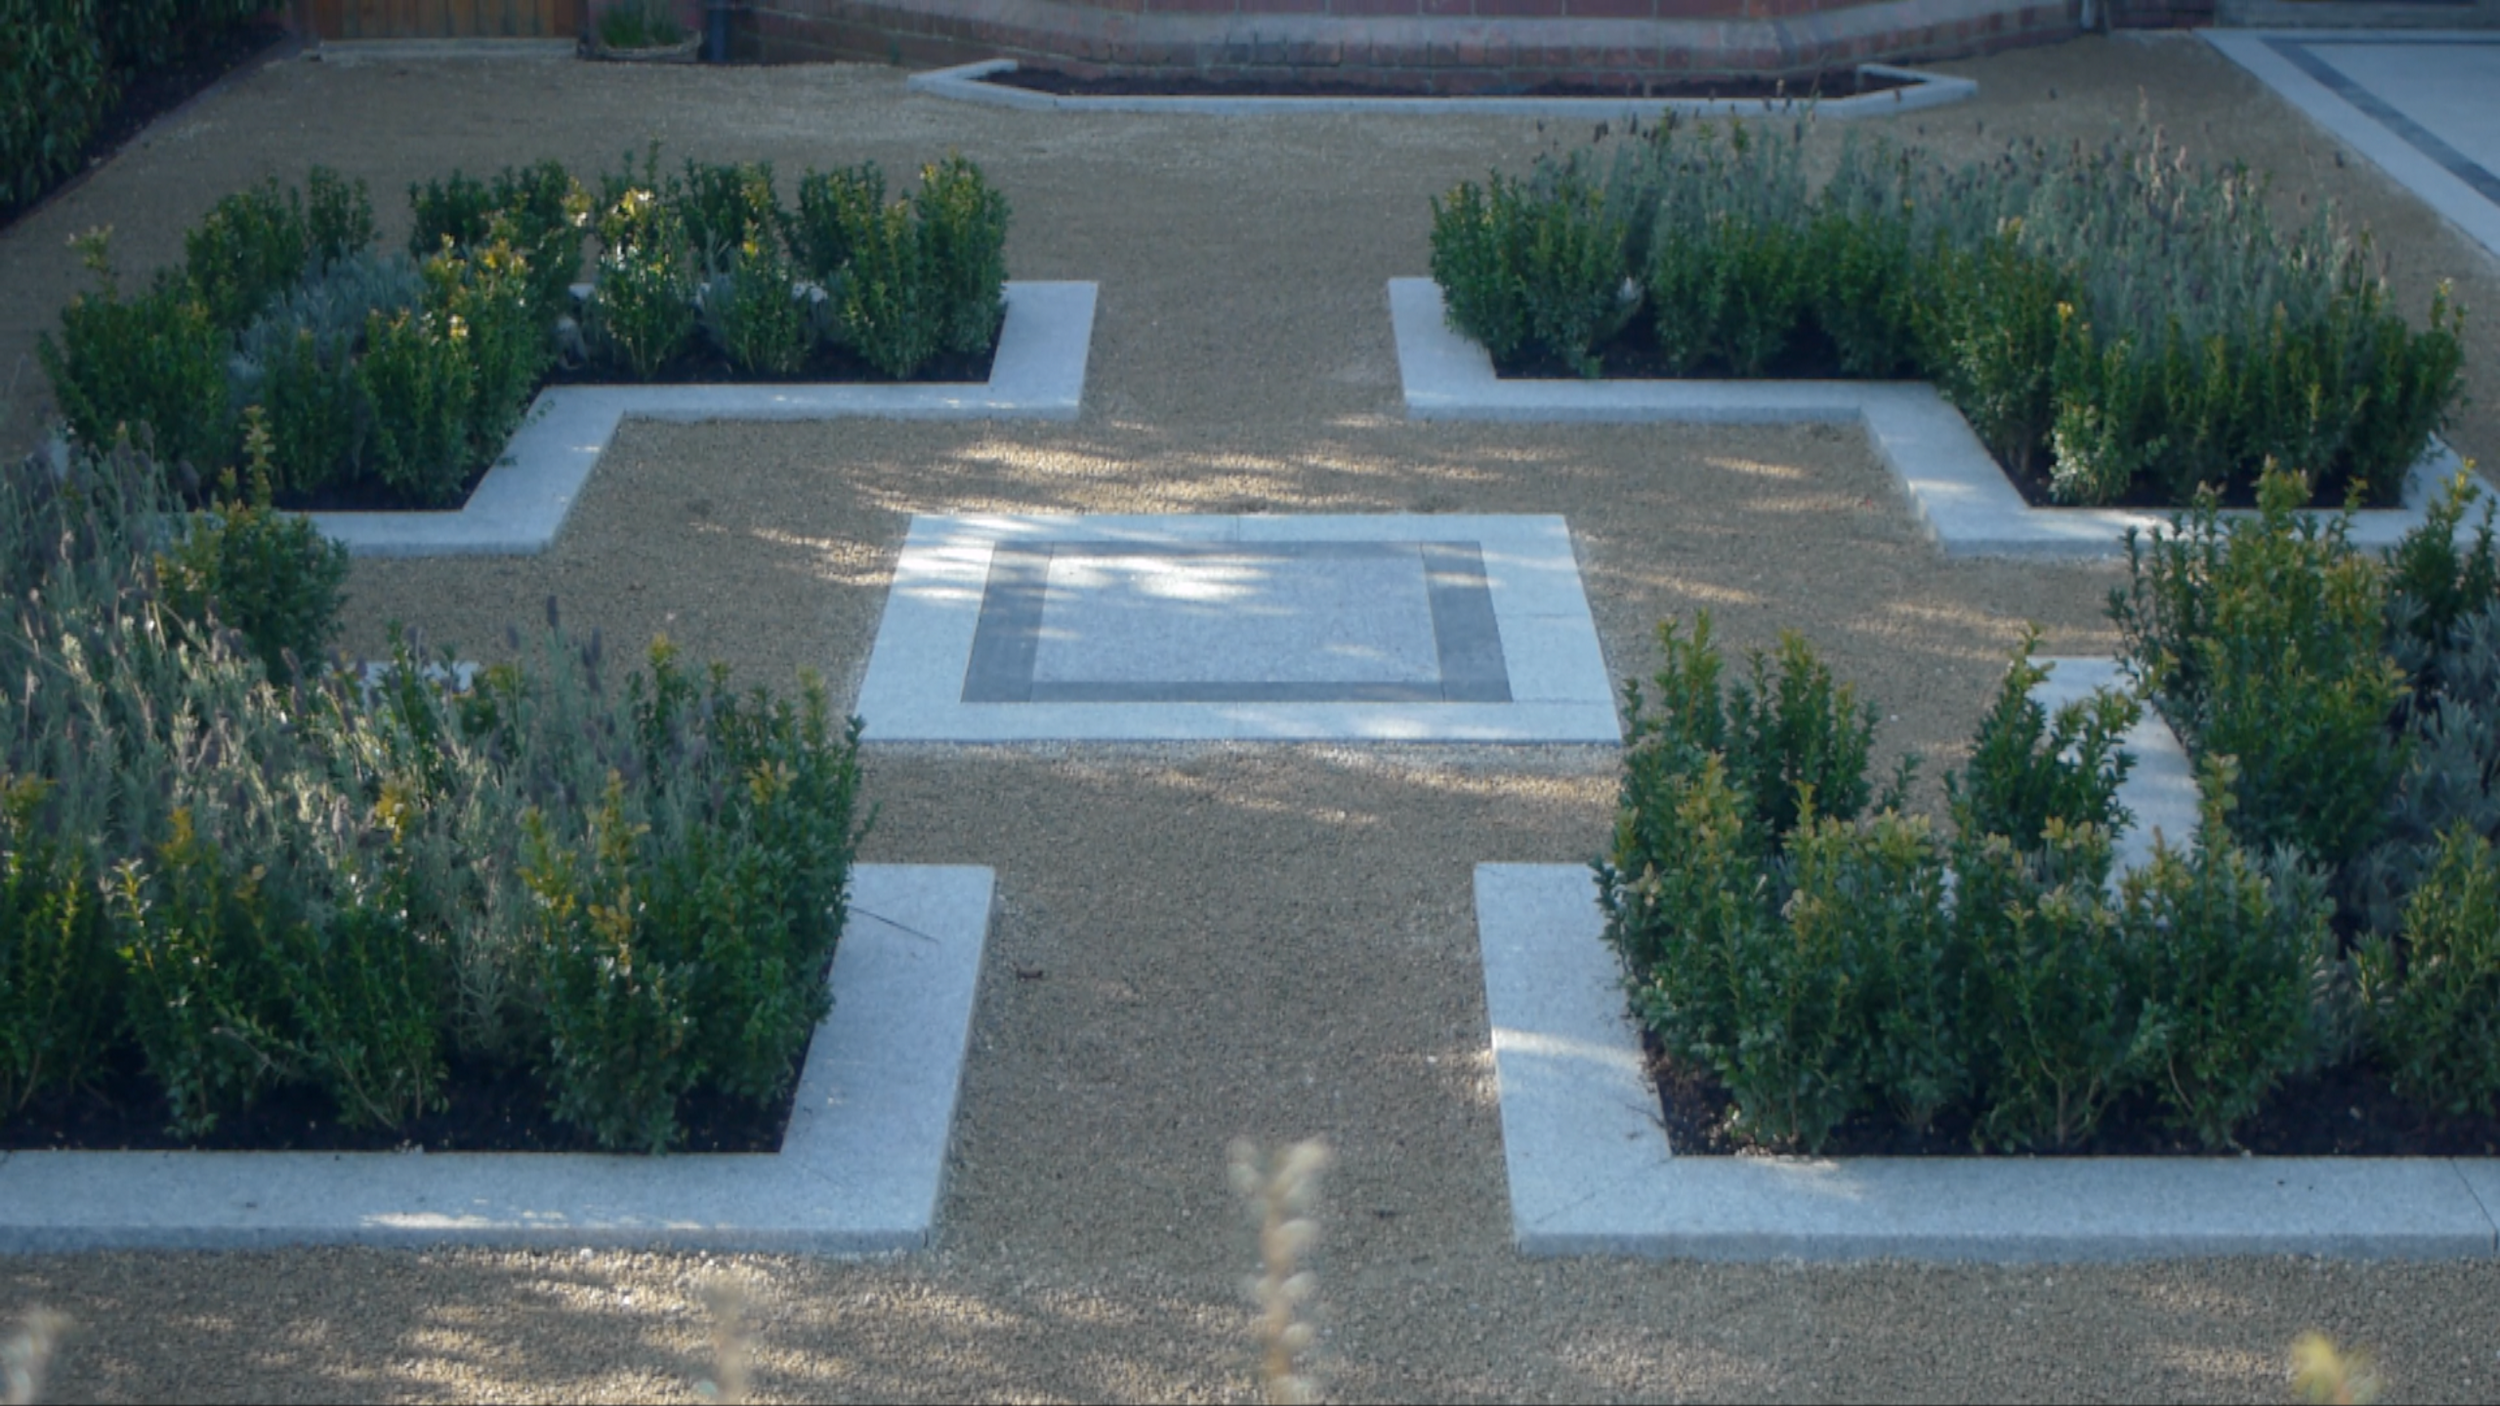 Symmetrial Garden Design